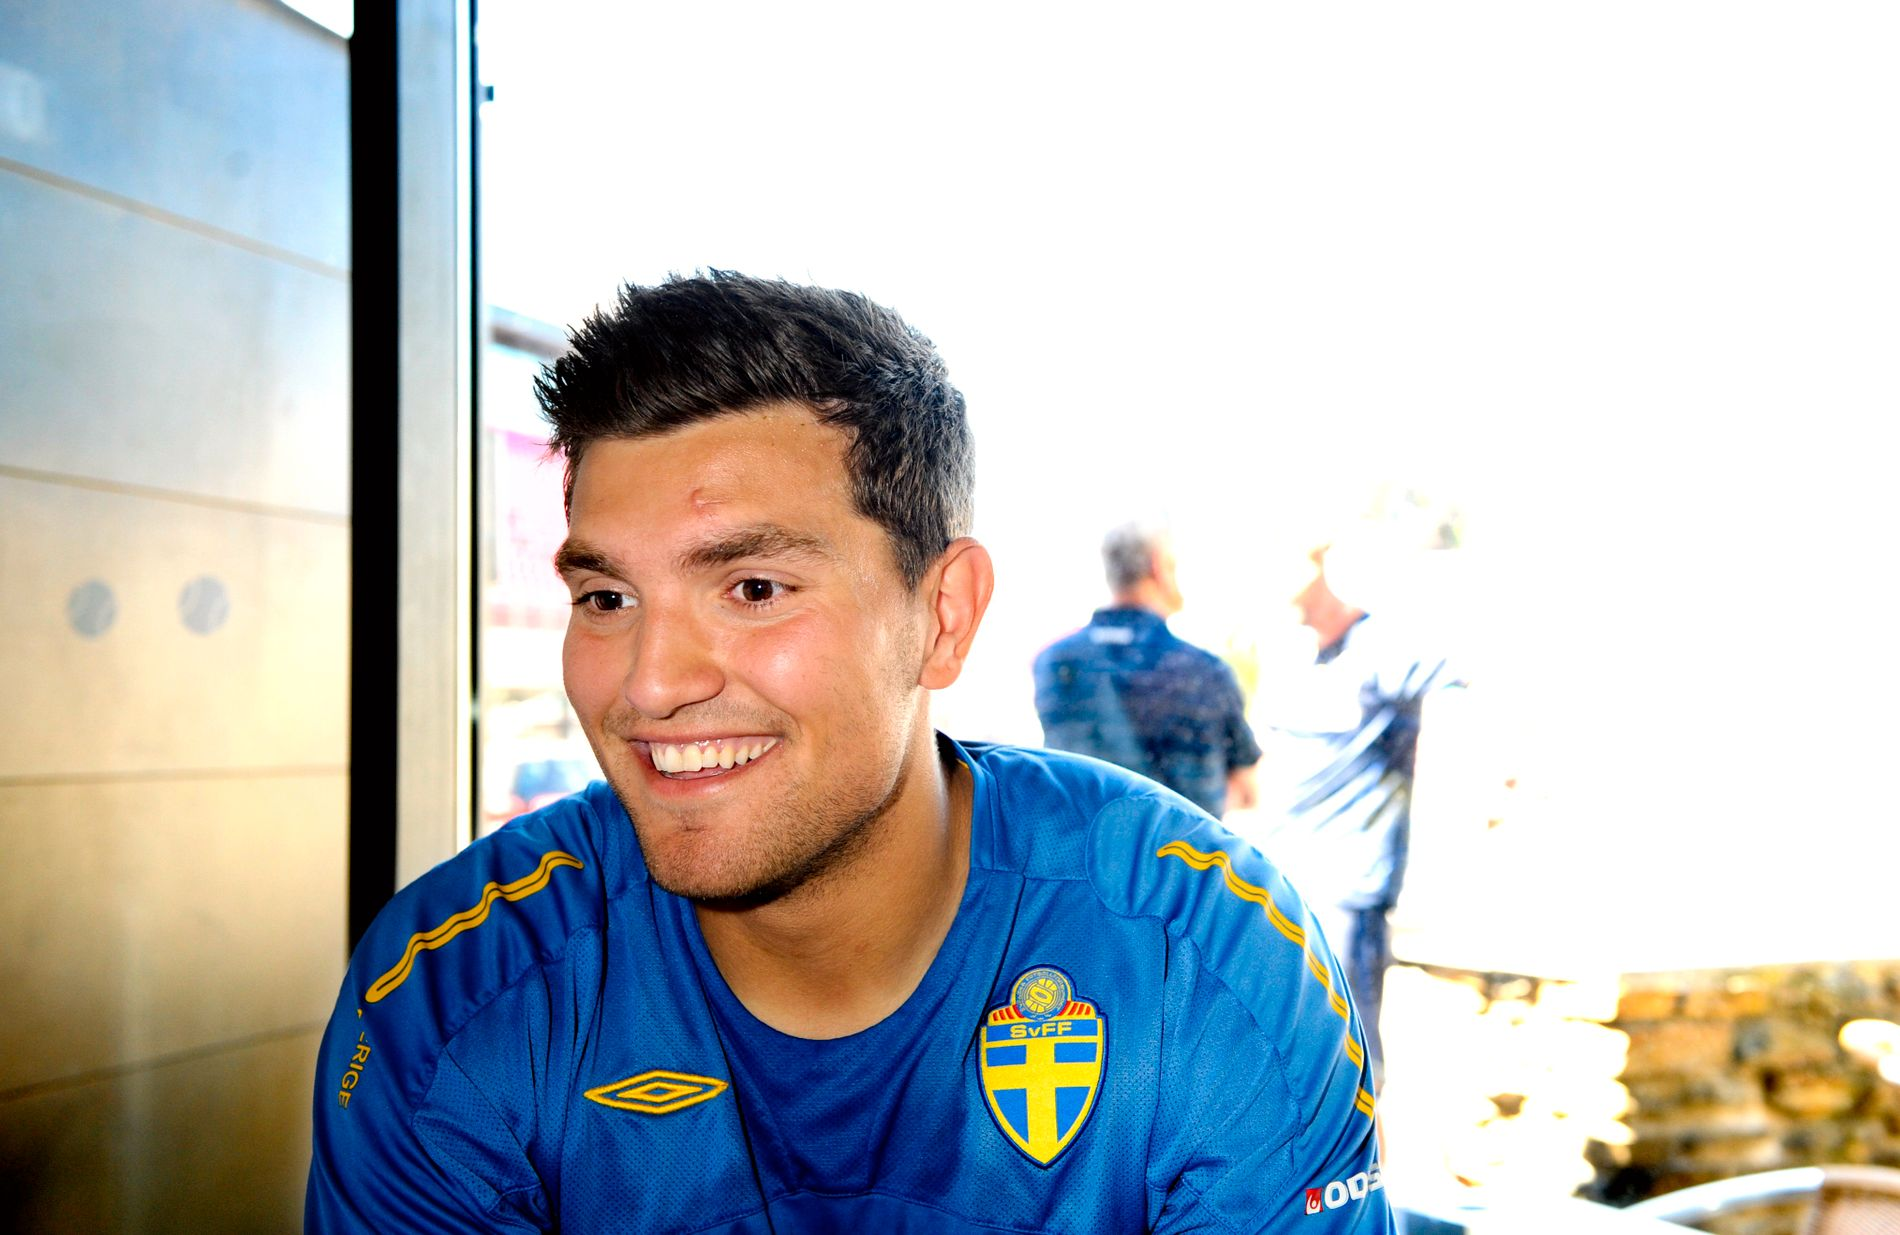 GIKK BORT: Labinot Harbuzi var sett på som et utrolig talent og spilte på aldersbestemte. Her fra lagets pressetreff under U21-EM i 2009.